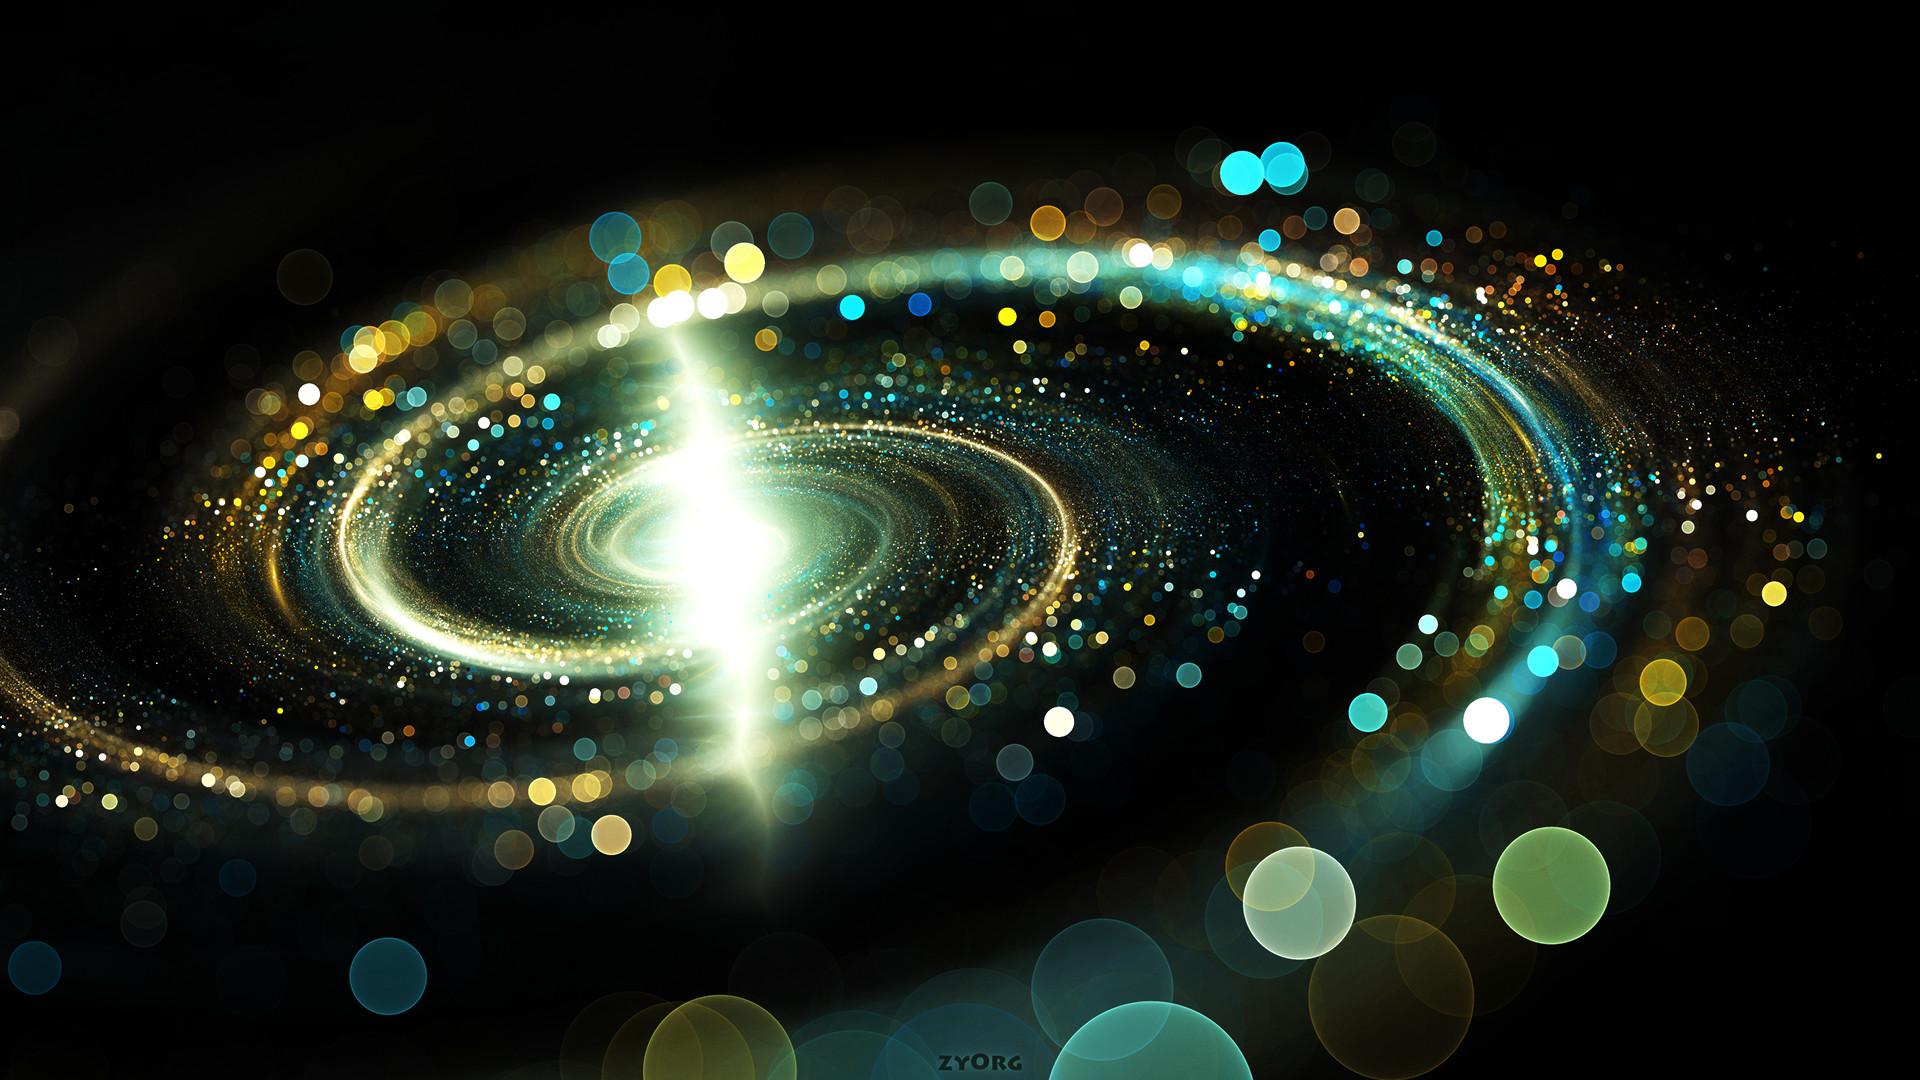 Abstract – Circle Galaxy Wallpaper